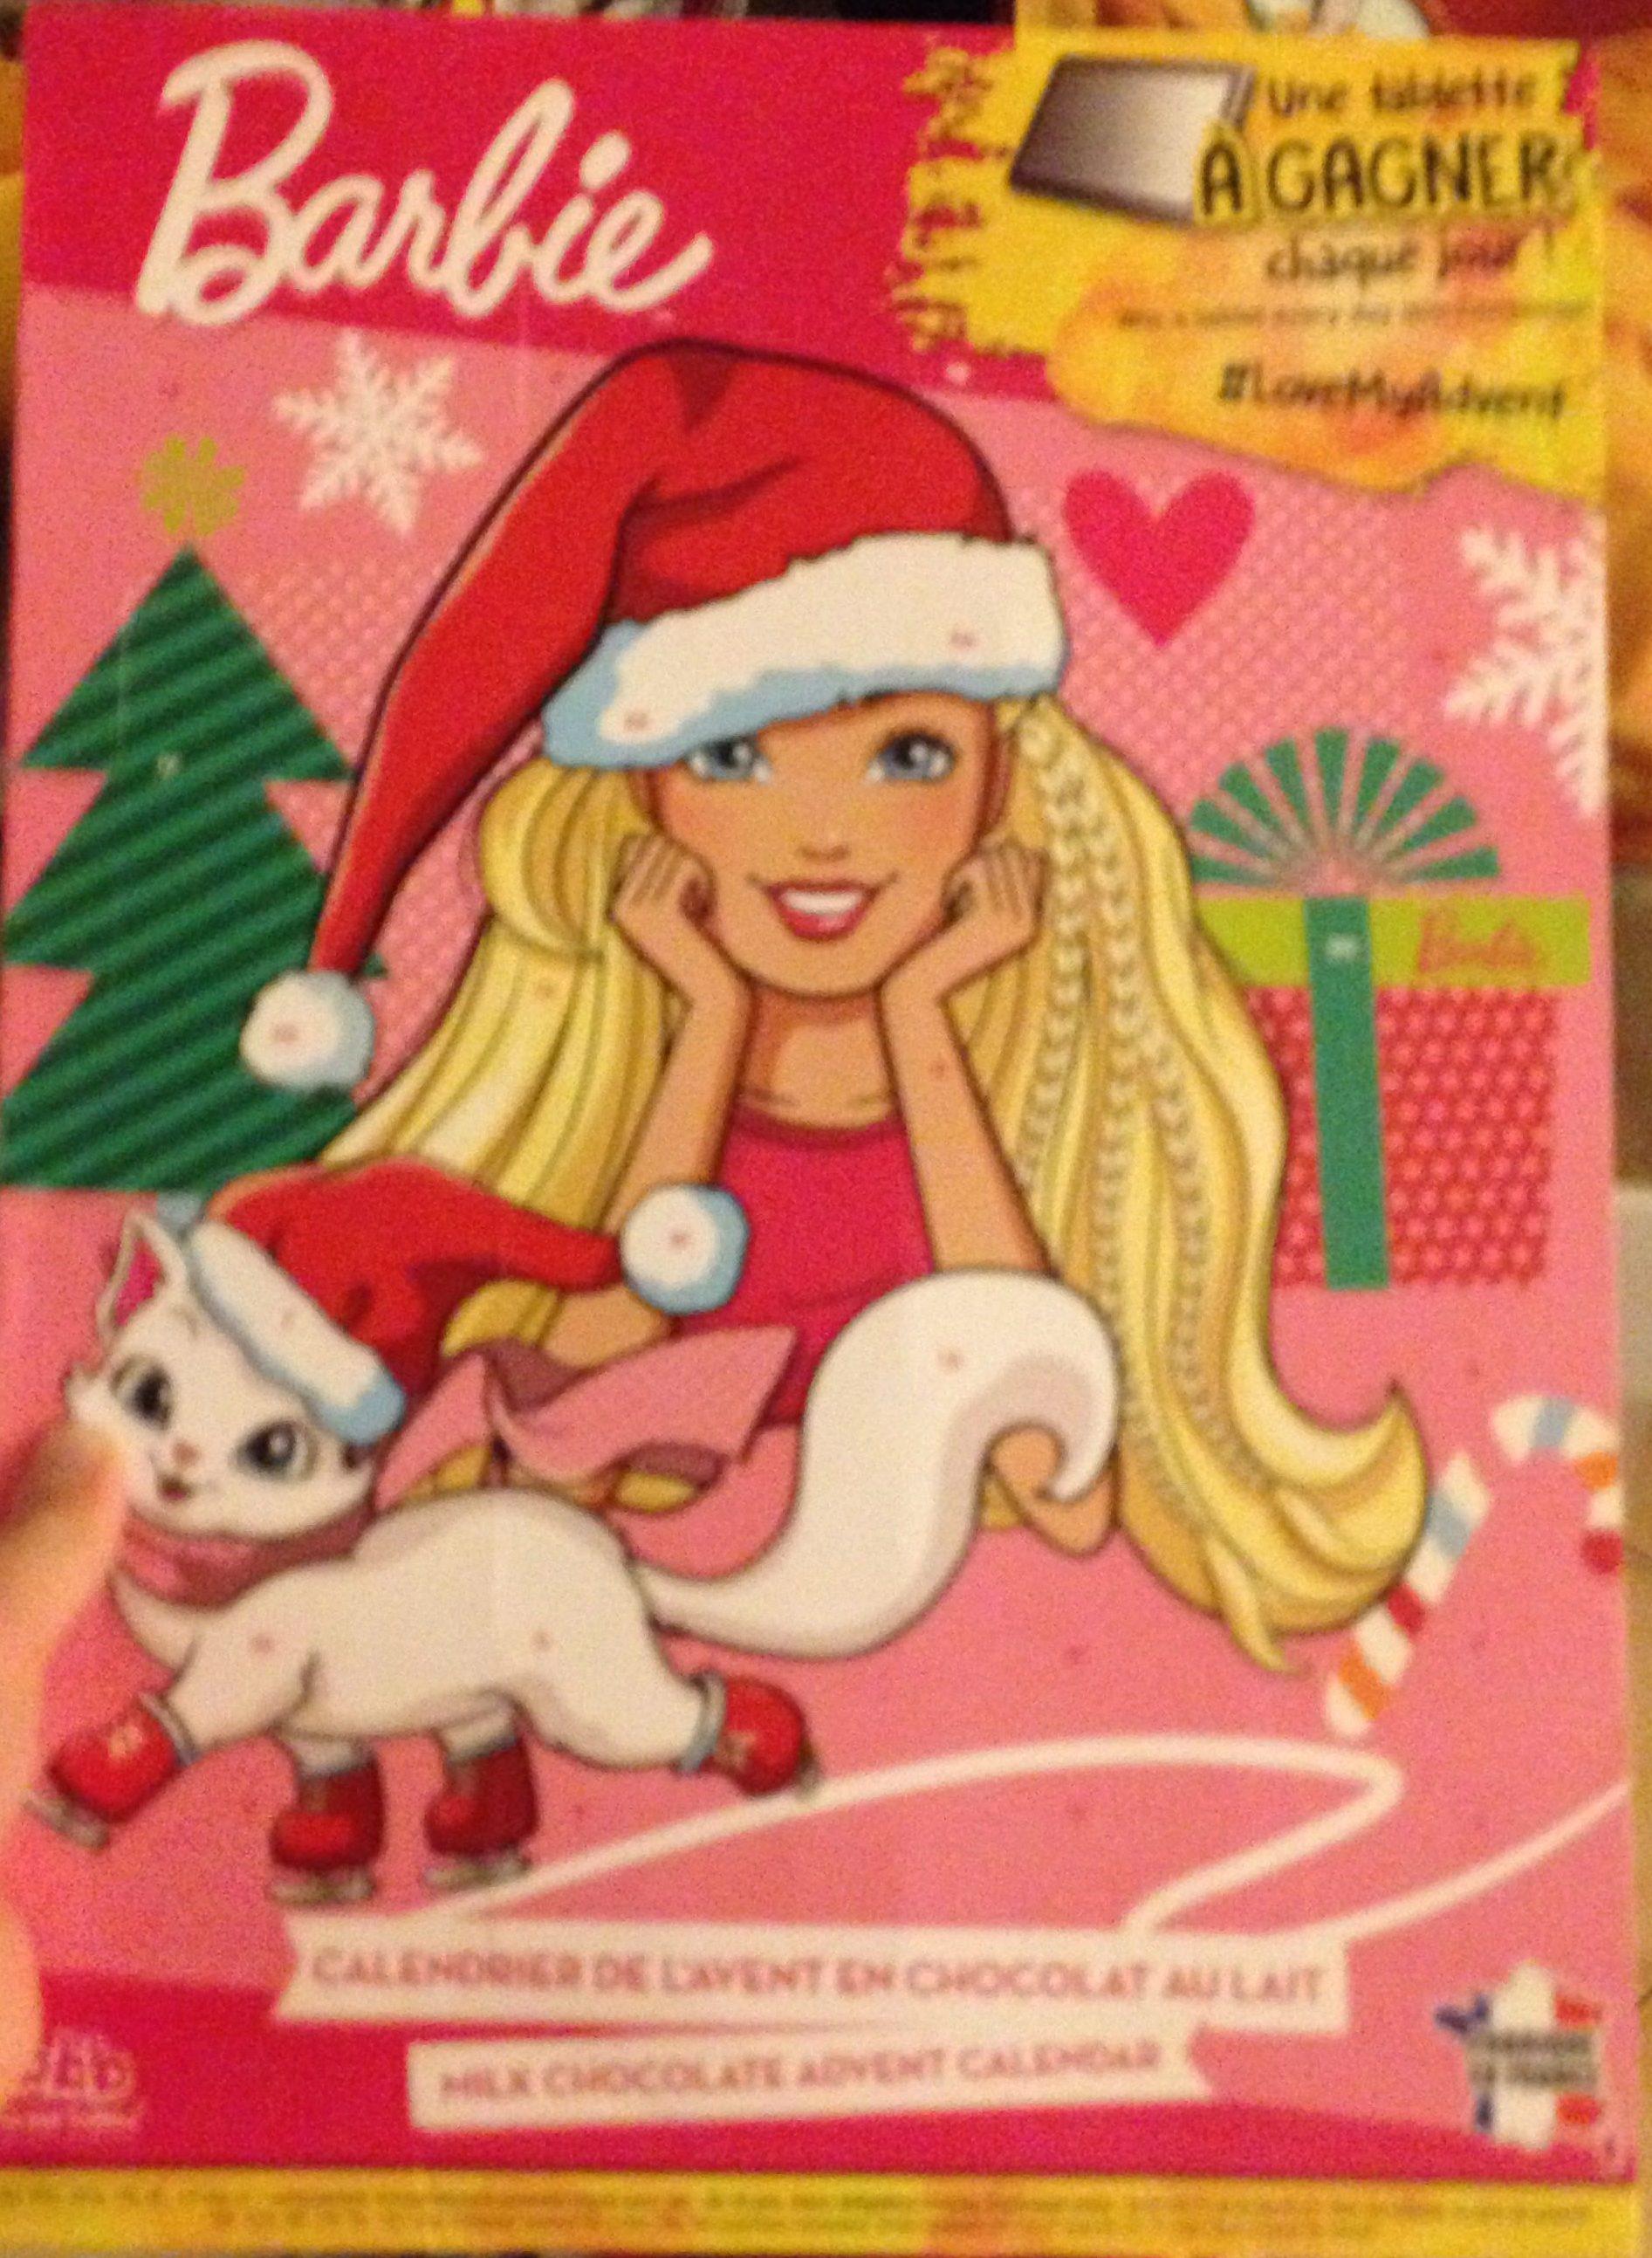 Calendrier Avent Barbie.Calendrier De L Avent En Chocolat Au Lait Barbie Bon Bon